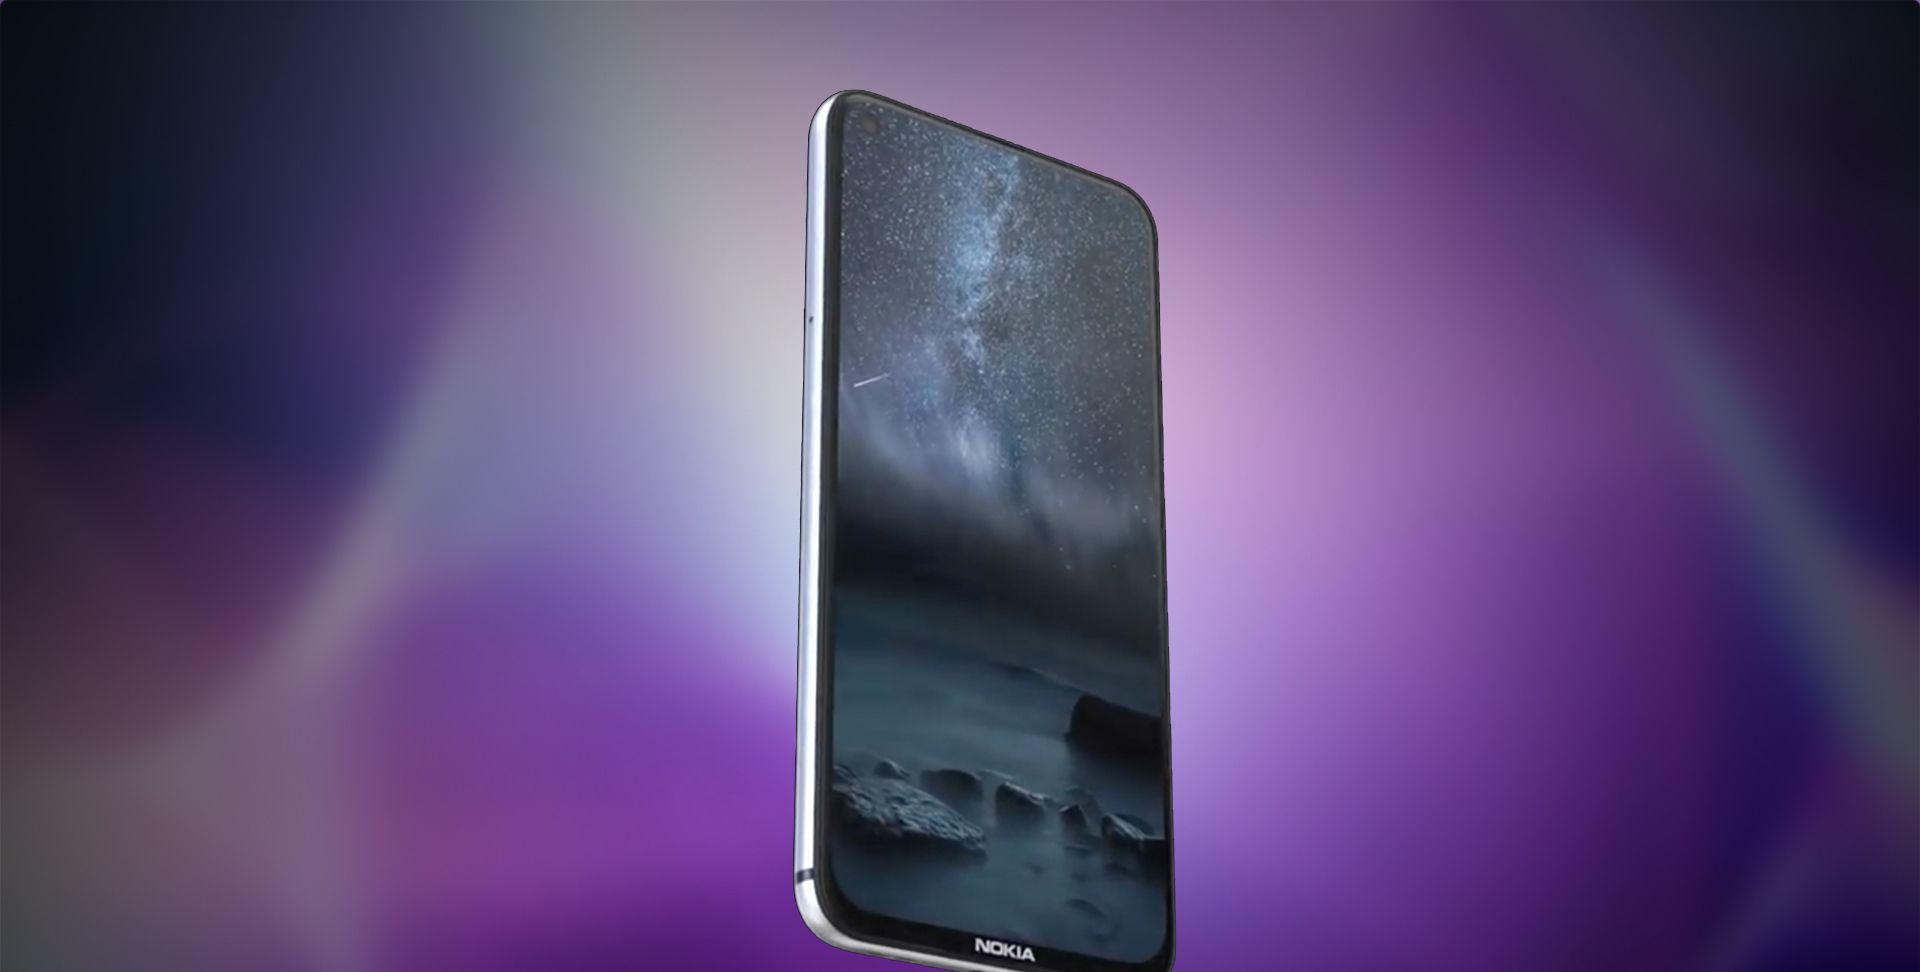 诺基亚全新概念手机曝光:5200万10倍光学变焦+骁龙855